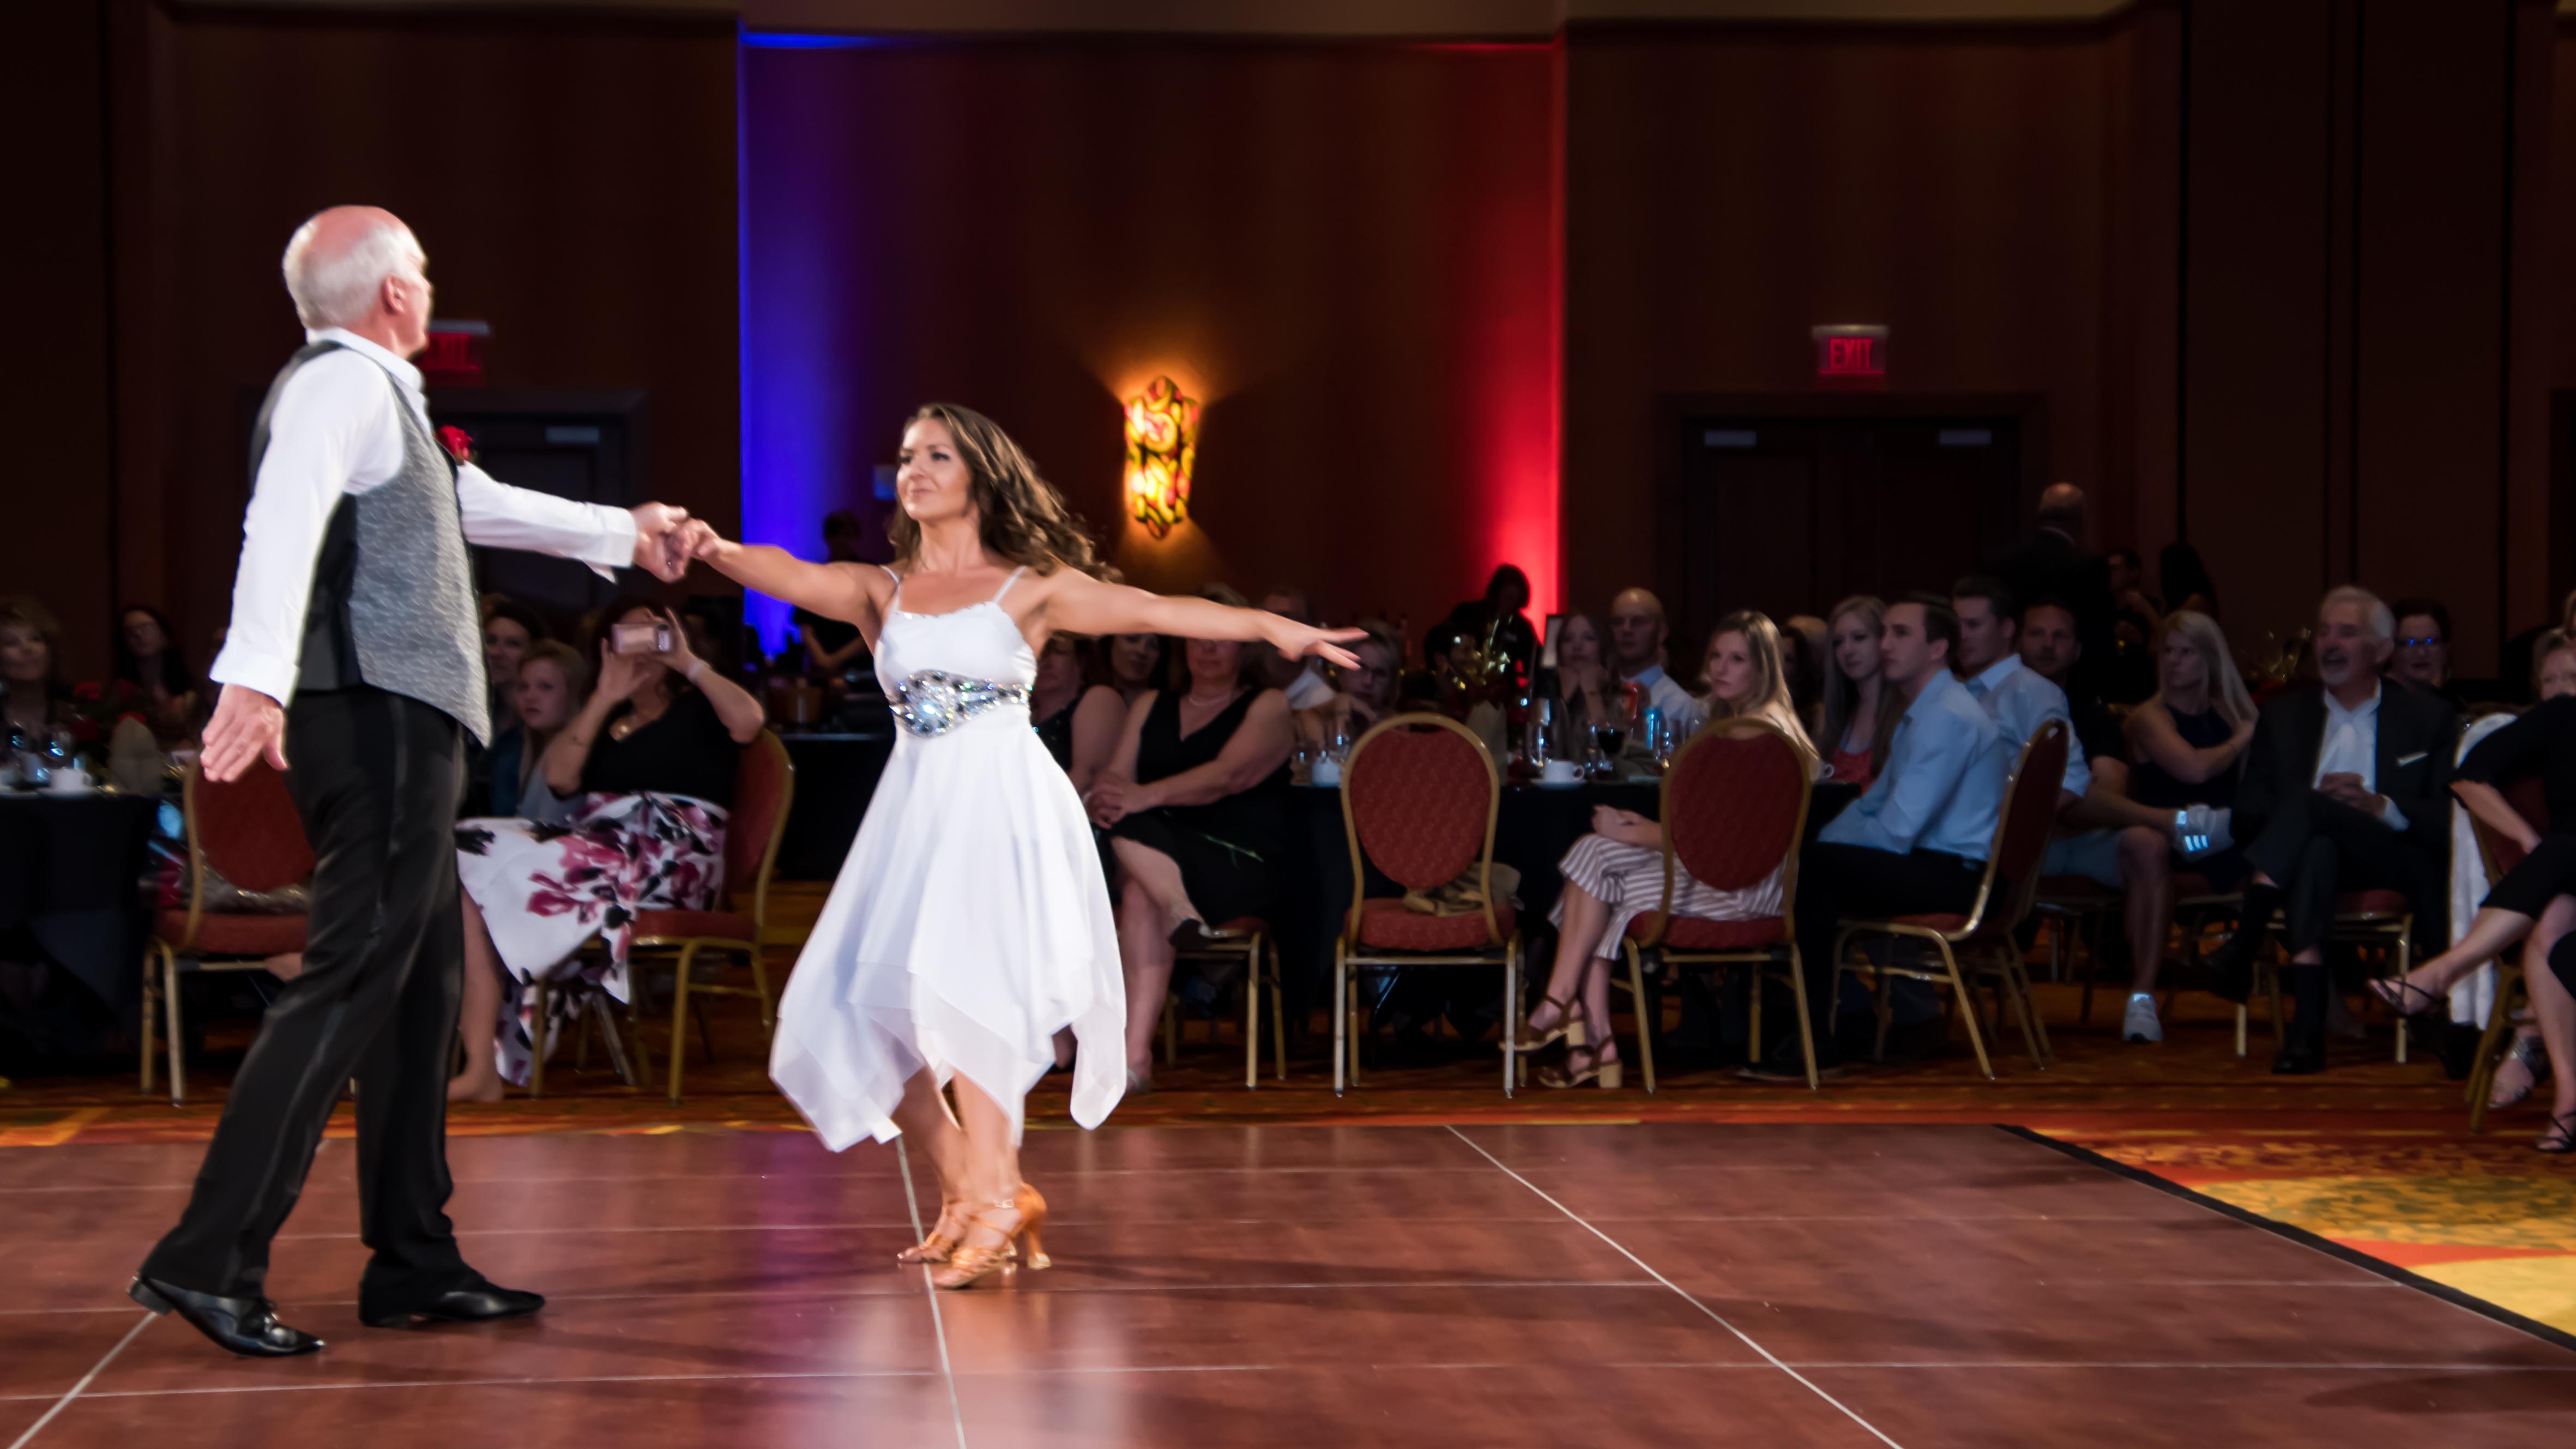 dancing-2312